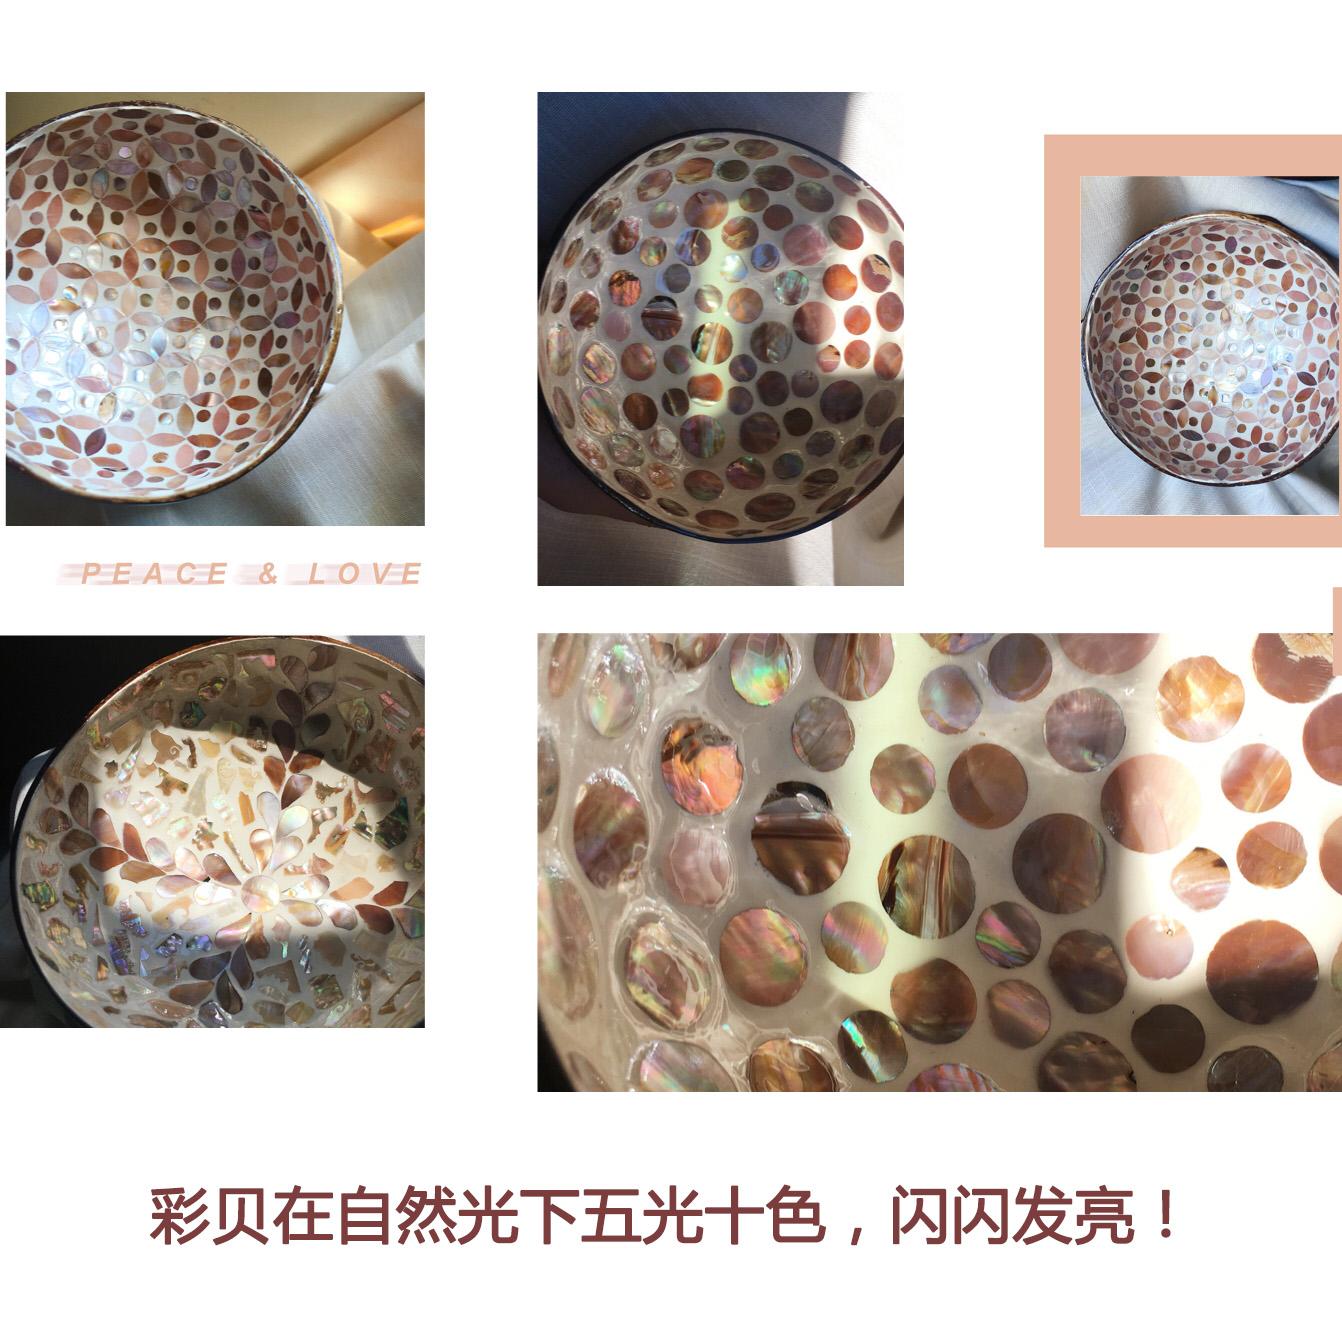 玄关钥匙收纳盘椰壳碗贝壳椰子碗进口居家装饰收纳手工礼北欧包邮